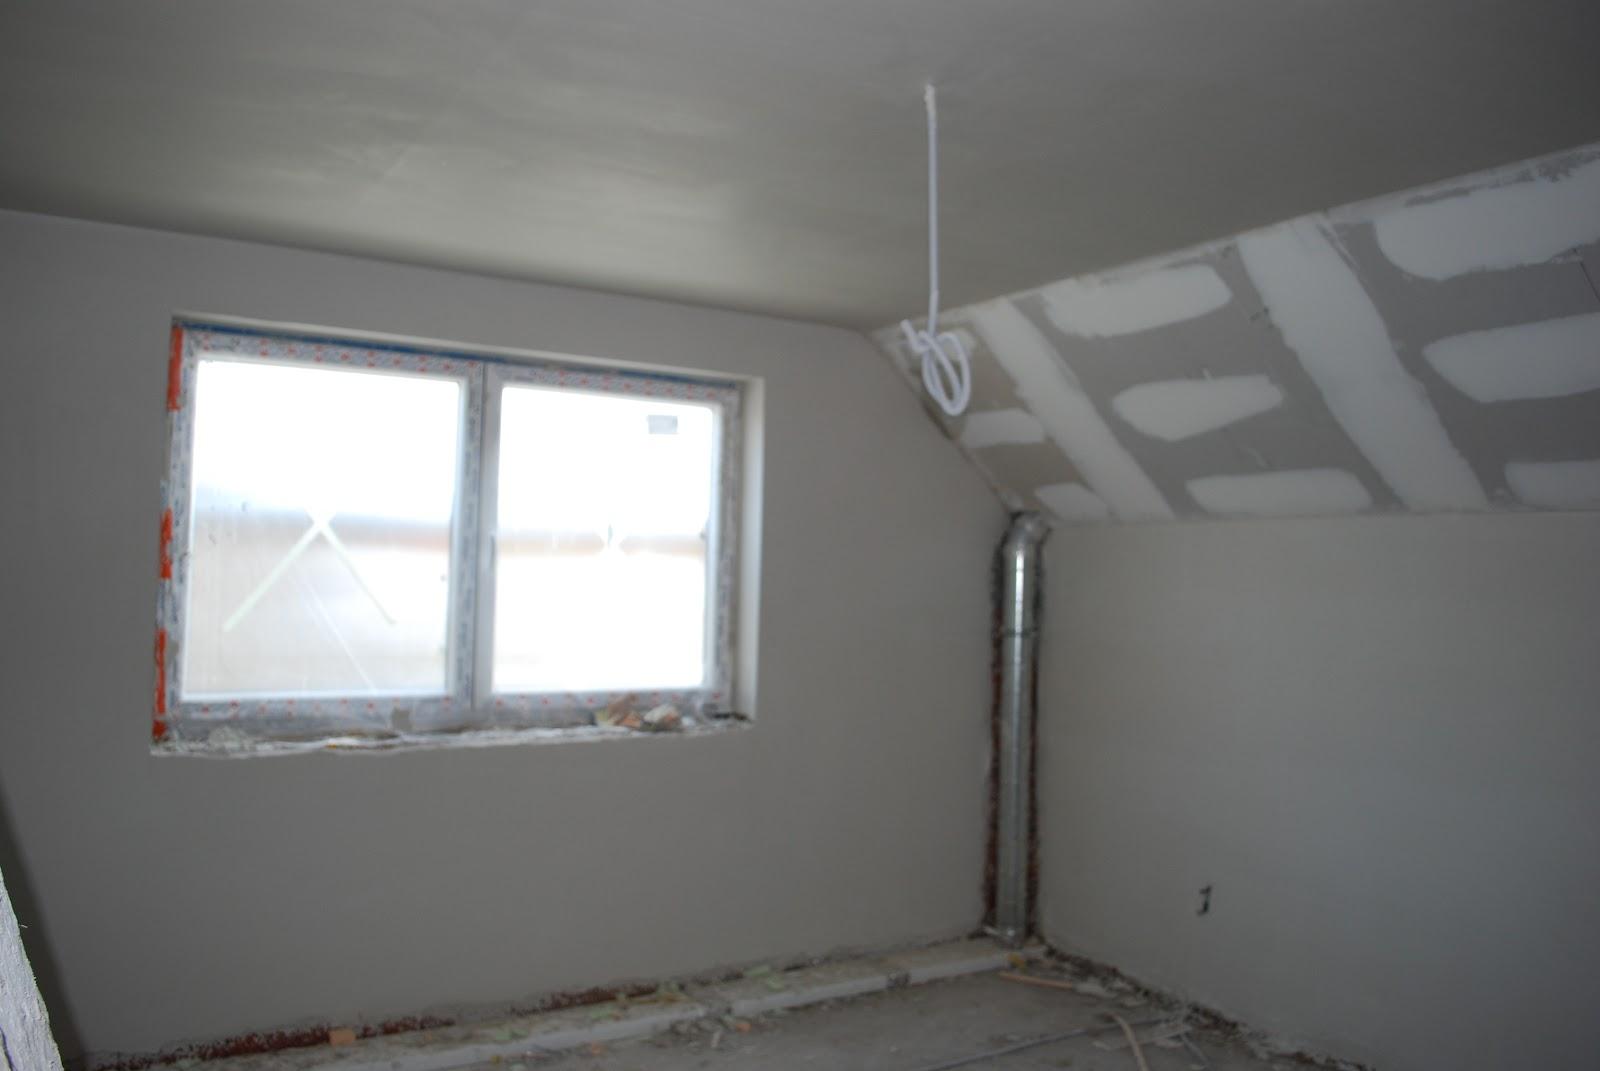 Ons droomhuis: augustus 2012